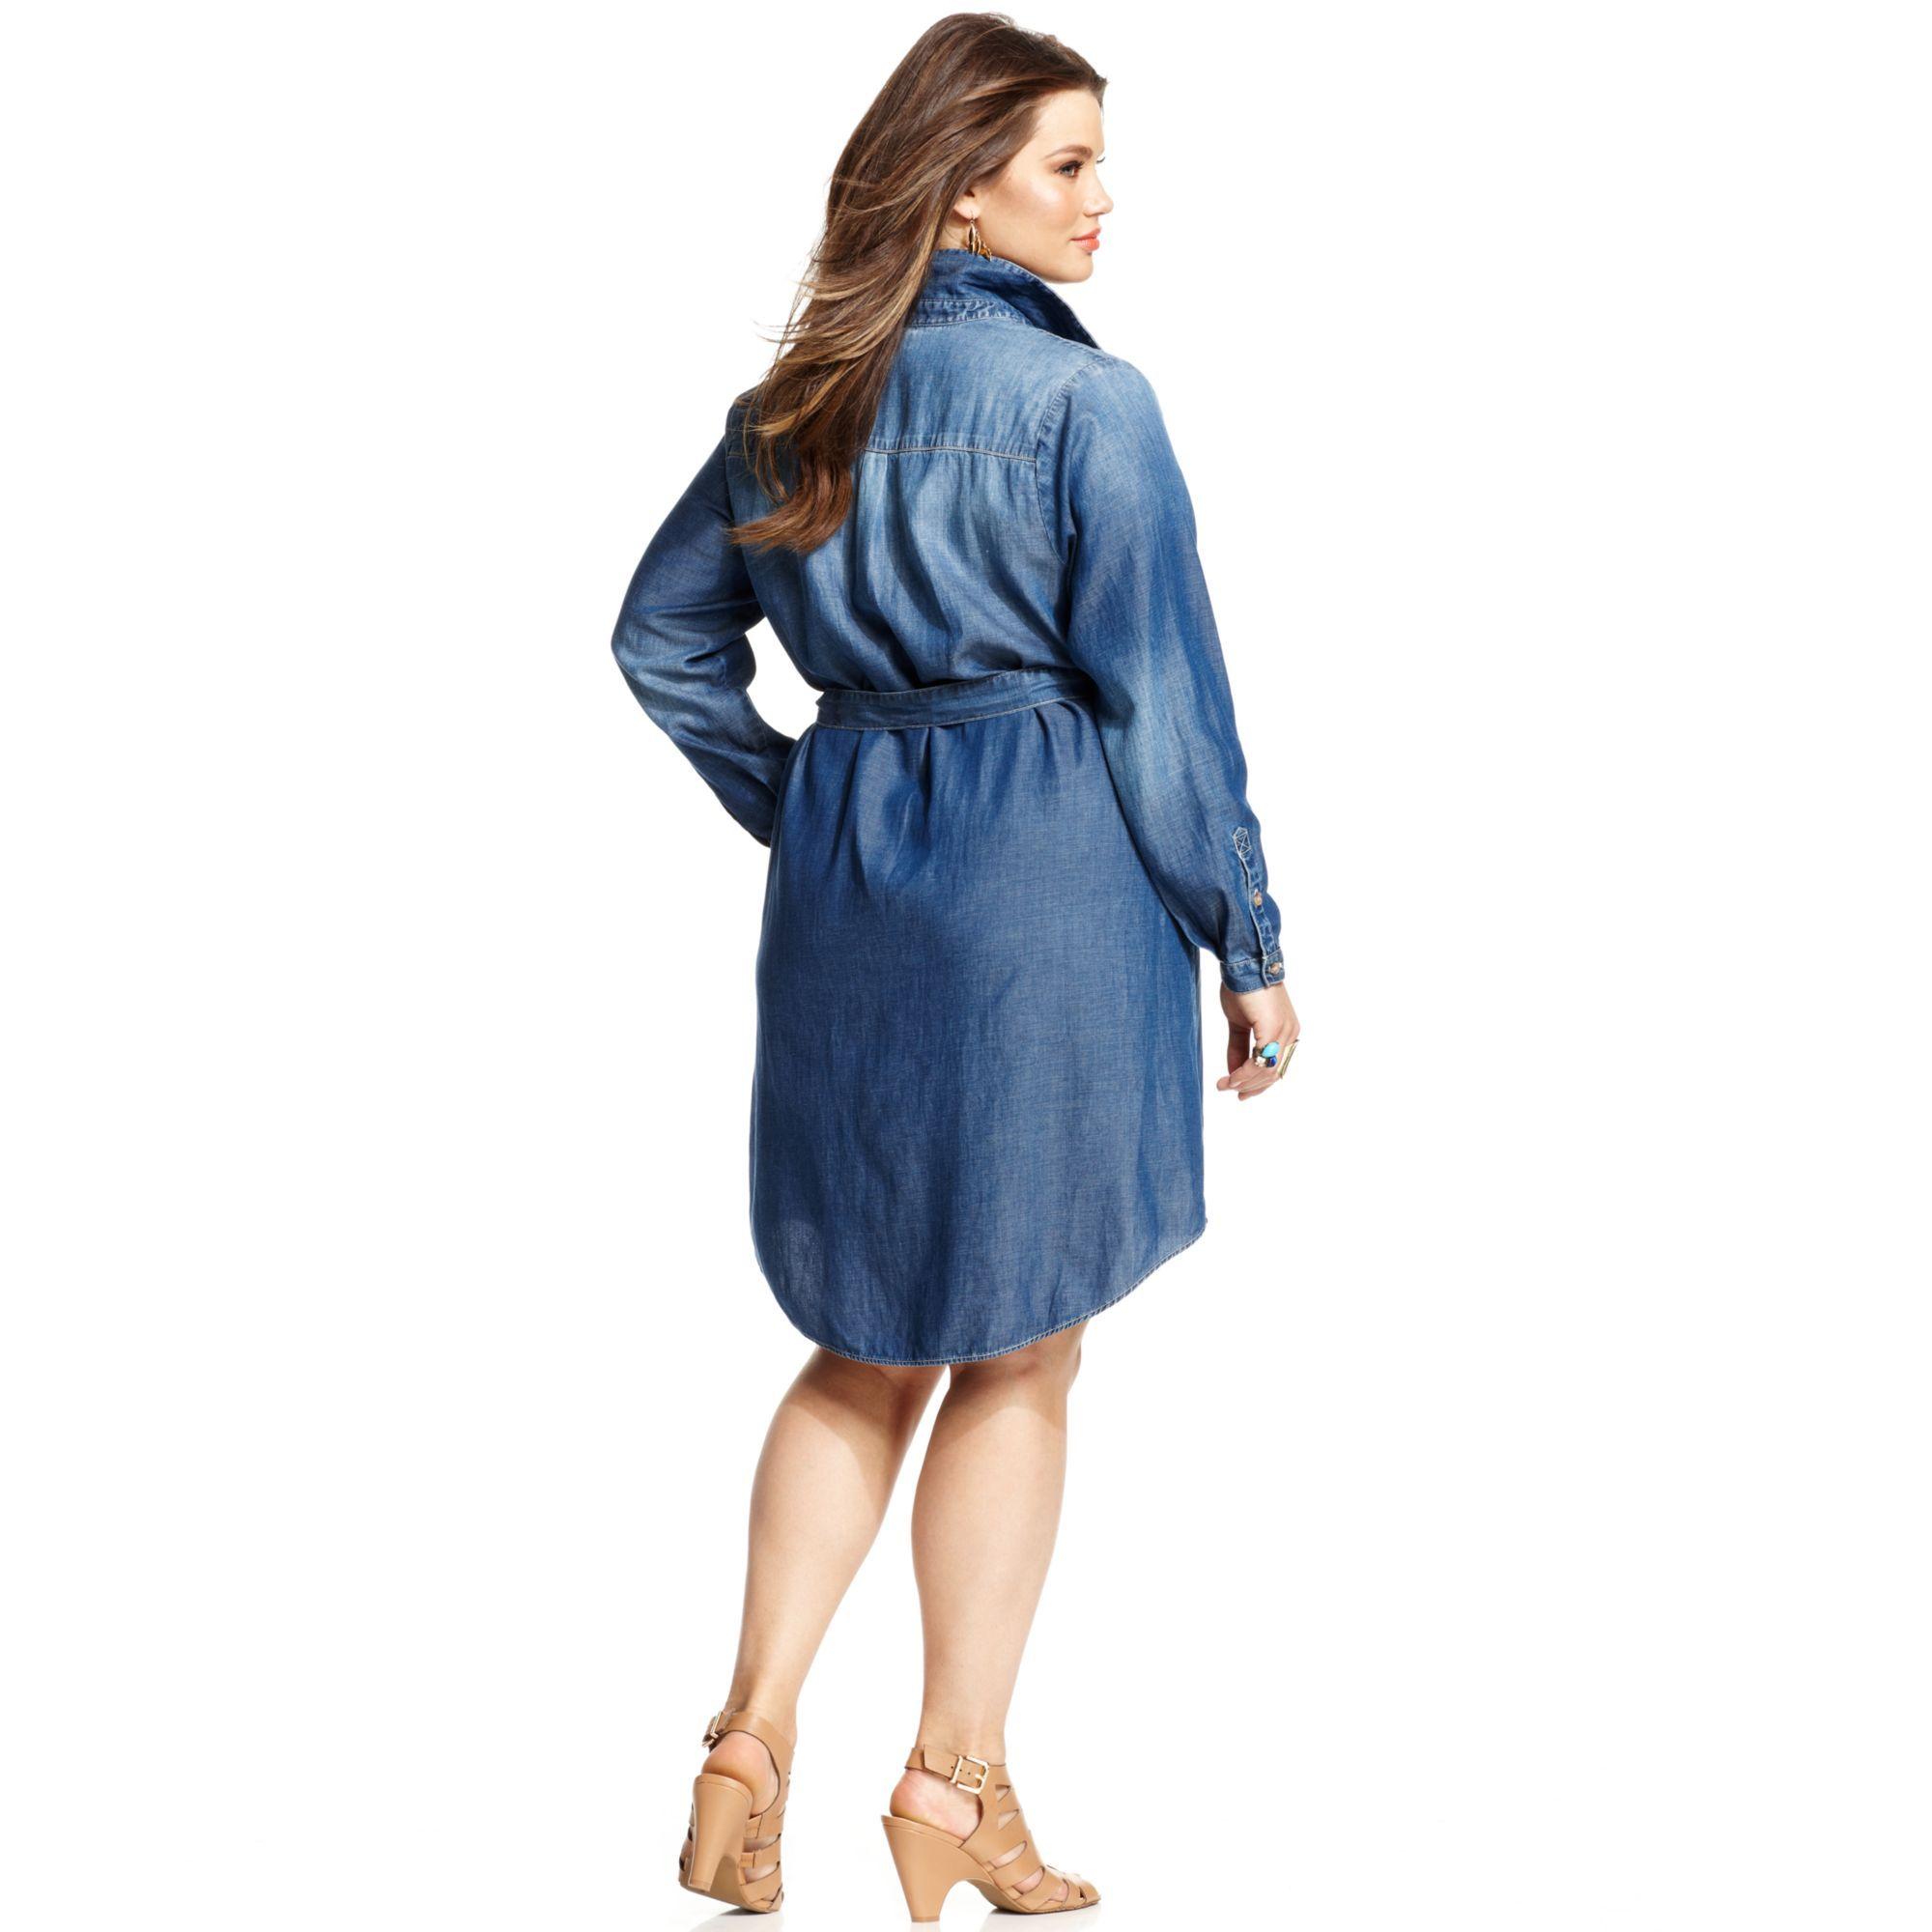 plus size long shirt dress choice image - dresses design ideas